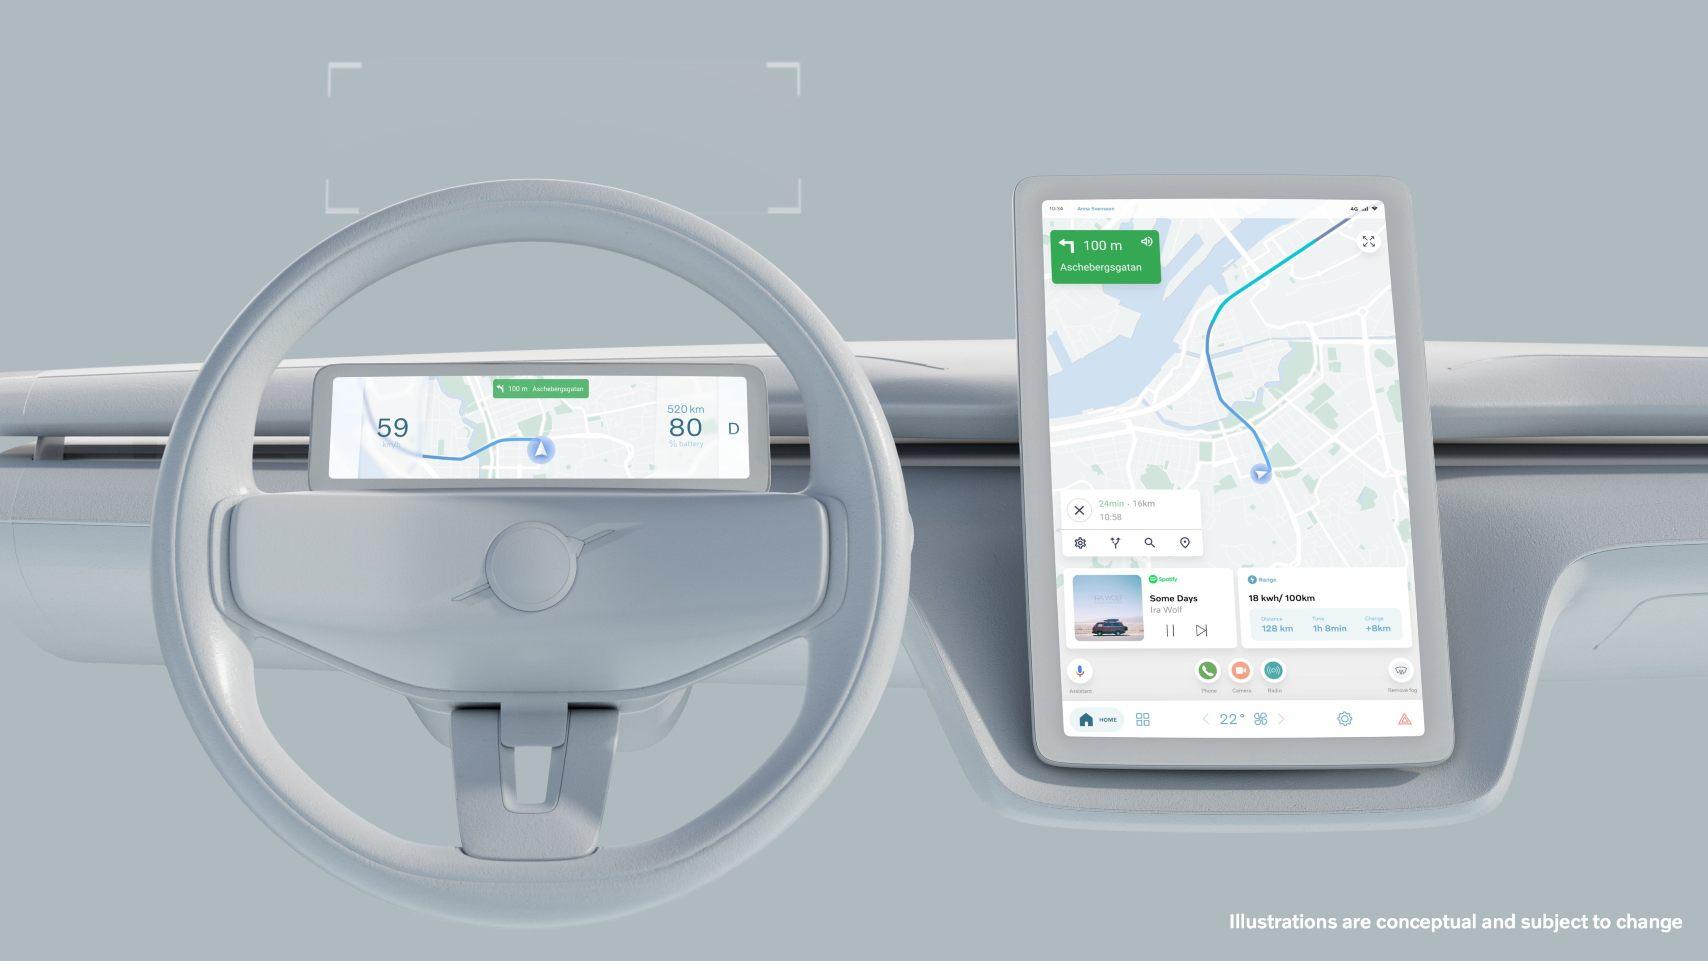 Avec son propre système d'exploitation, Volvo vise à déployer des mises à jour OTA plus rapides et plus fréquentes pour améliorer les véhicules tout au long de leur durée de vie.  Image : Volvo